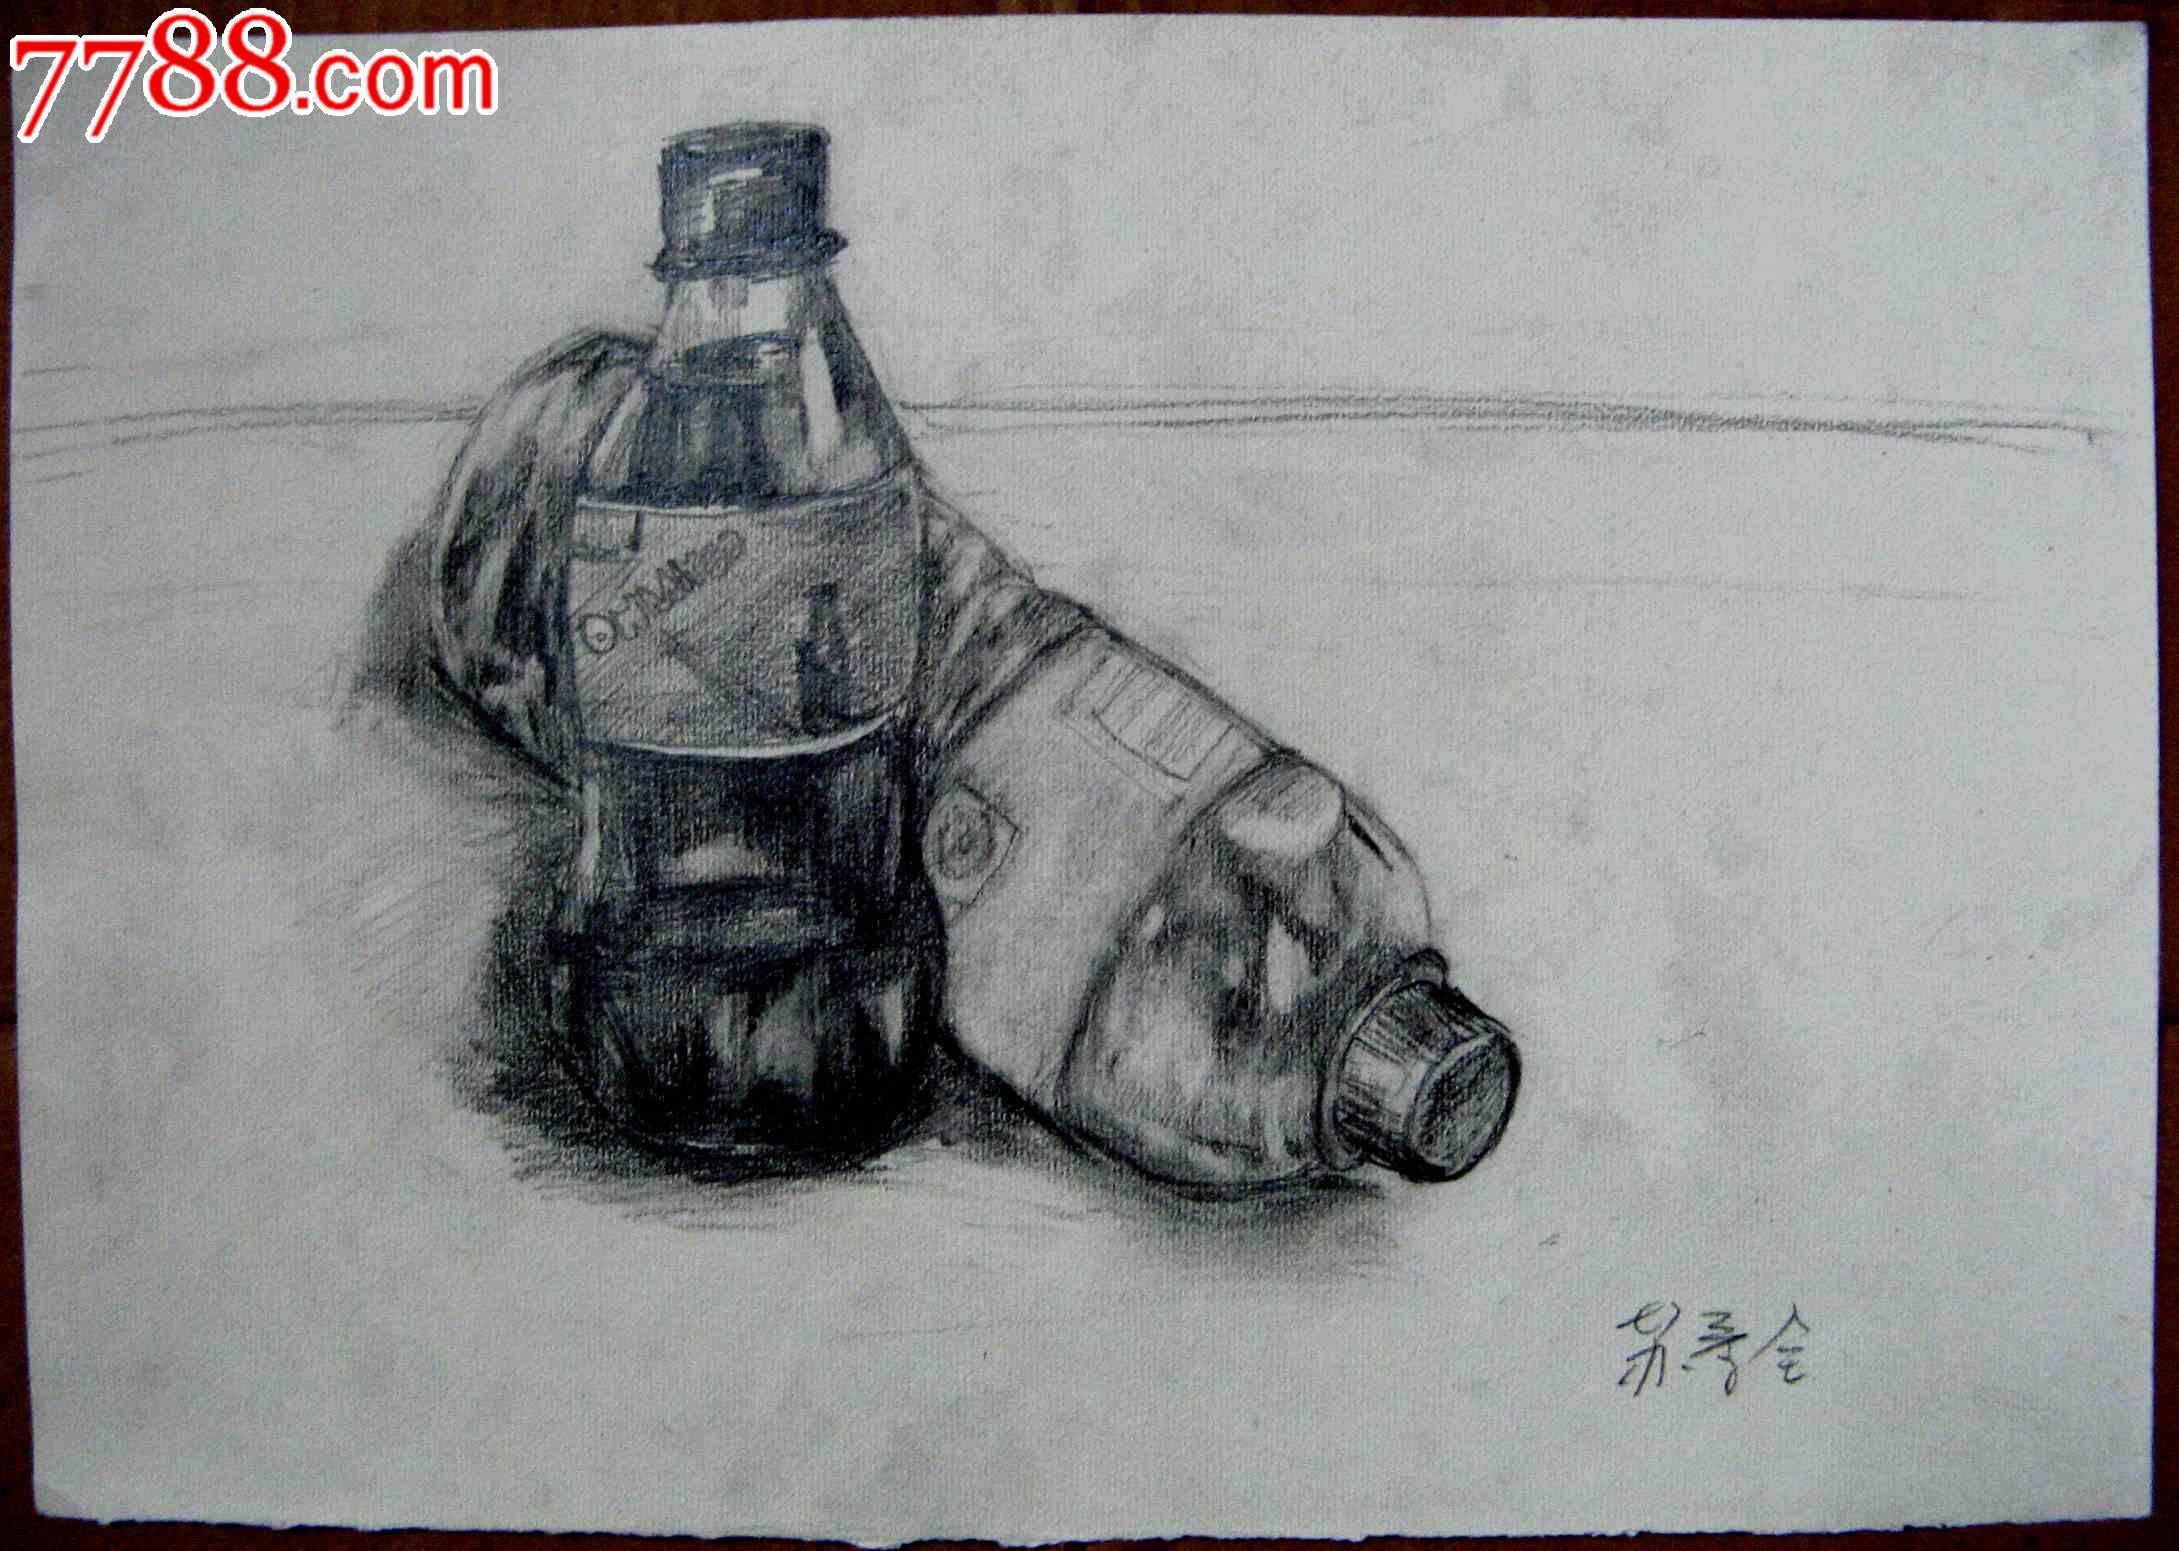 铅笔素描画:矿泉水瓶子